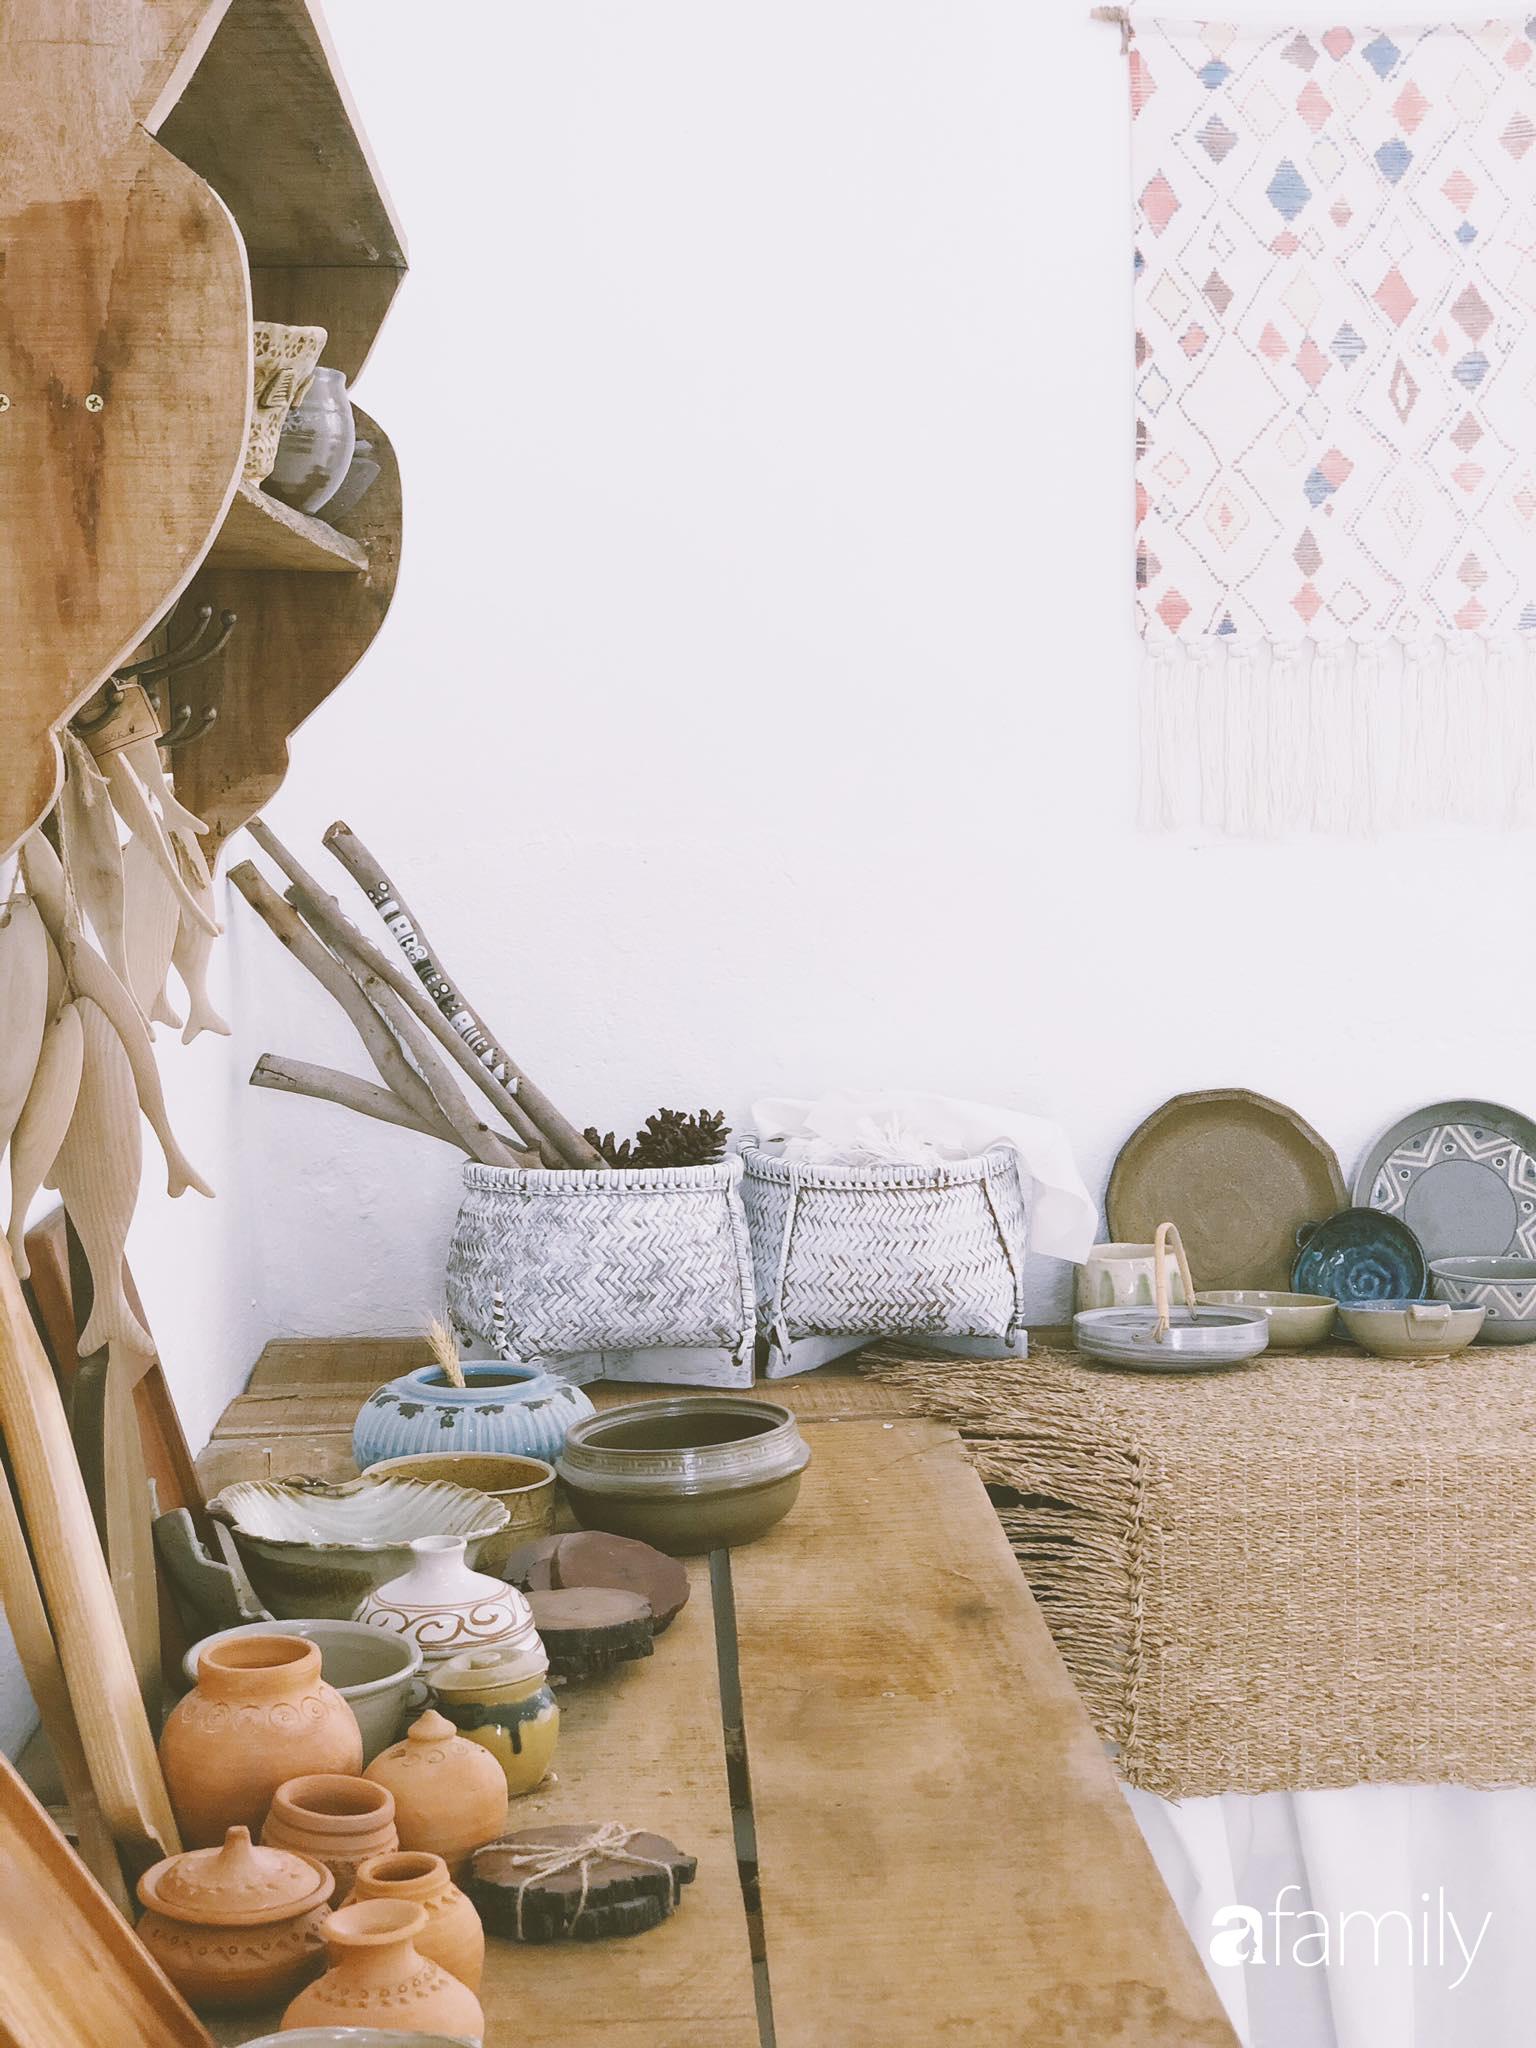 Yêu phong cách Boho, cô gái 9X biến nhà cấp 4 cũ nát thành không gian đẹp mộc mạc, bình dị ở Đà Nẵng - Ảnh 20.